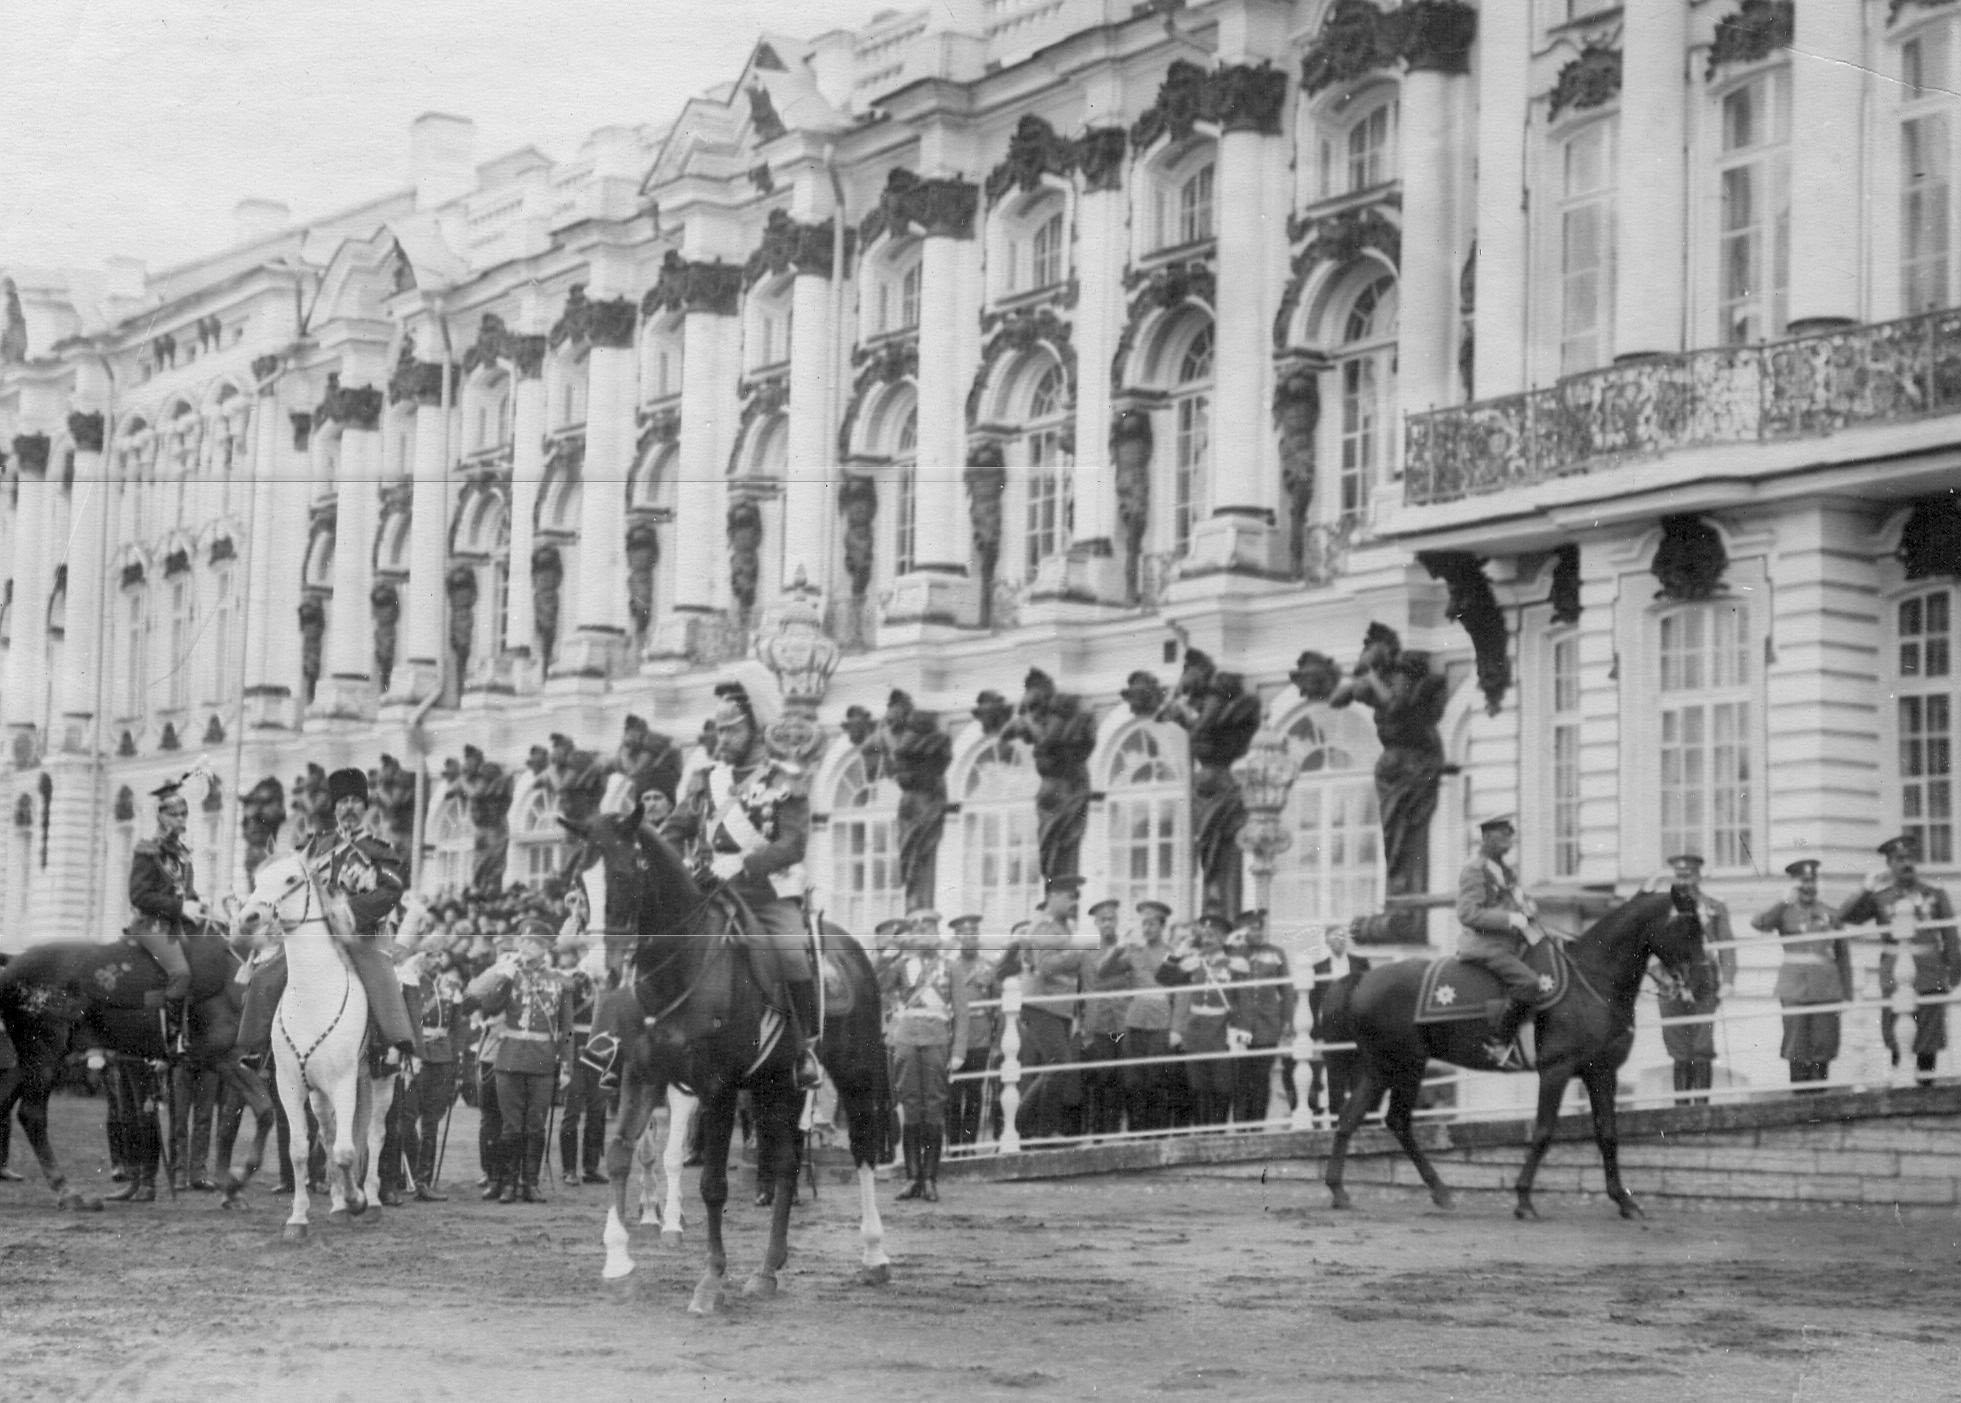 Император Николай II, генерал-адъютант барон В.Б.Фредерикс (справа) и генерал-кавалерист А.П.Струков (слева) перед фронтом улан